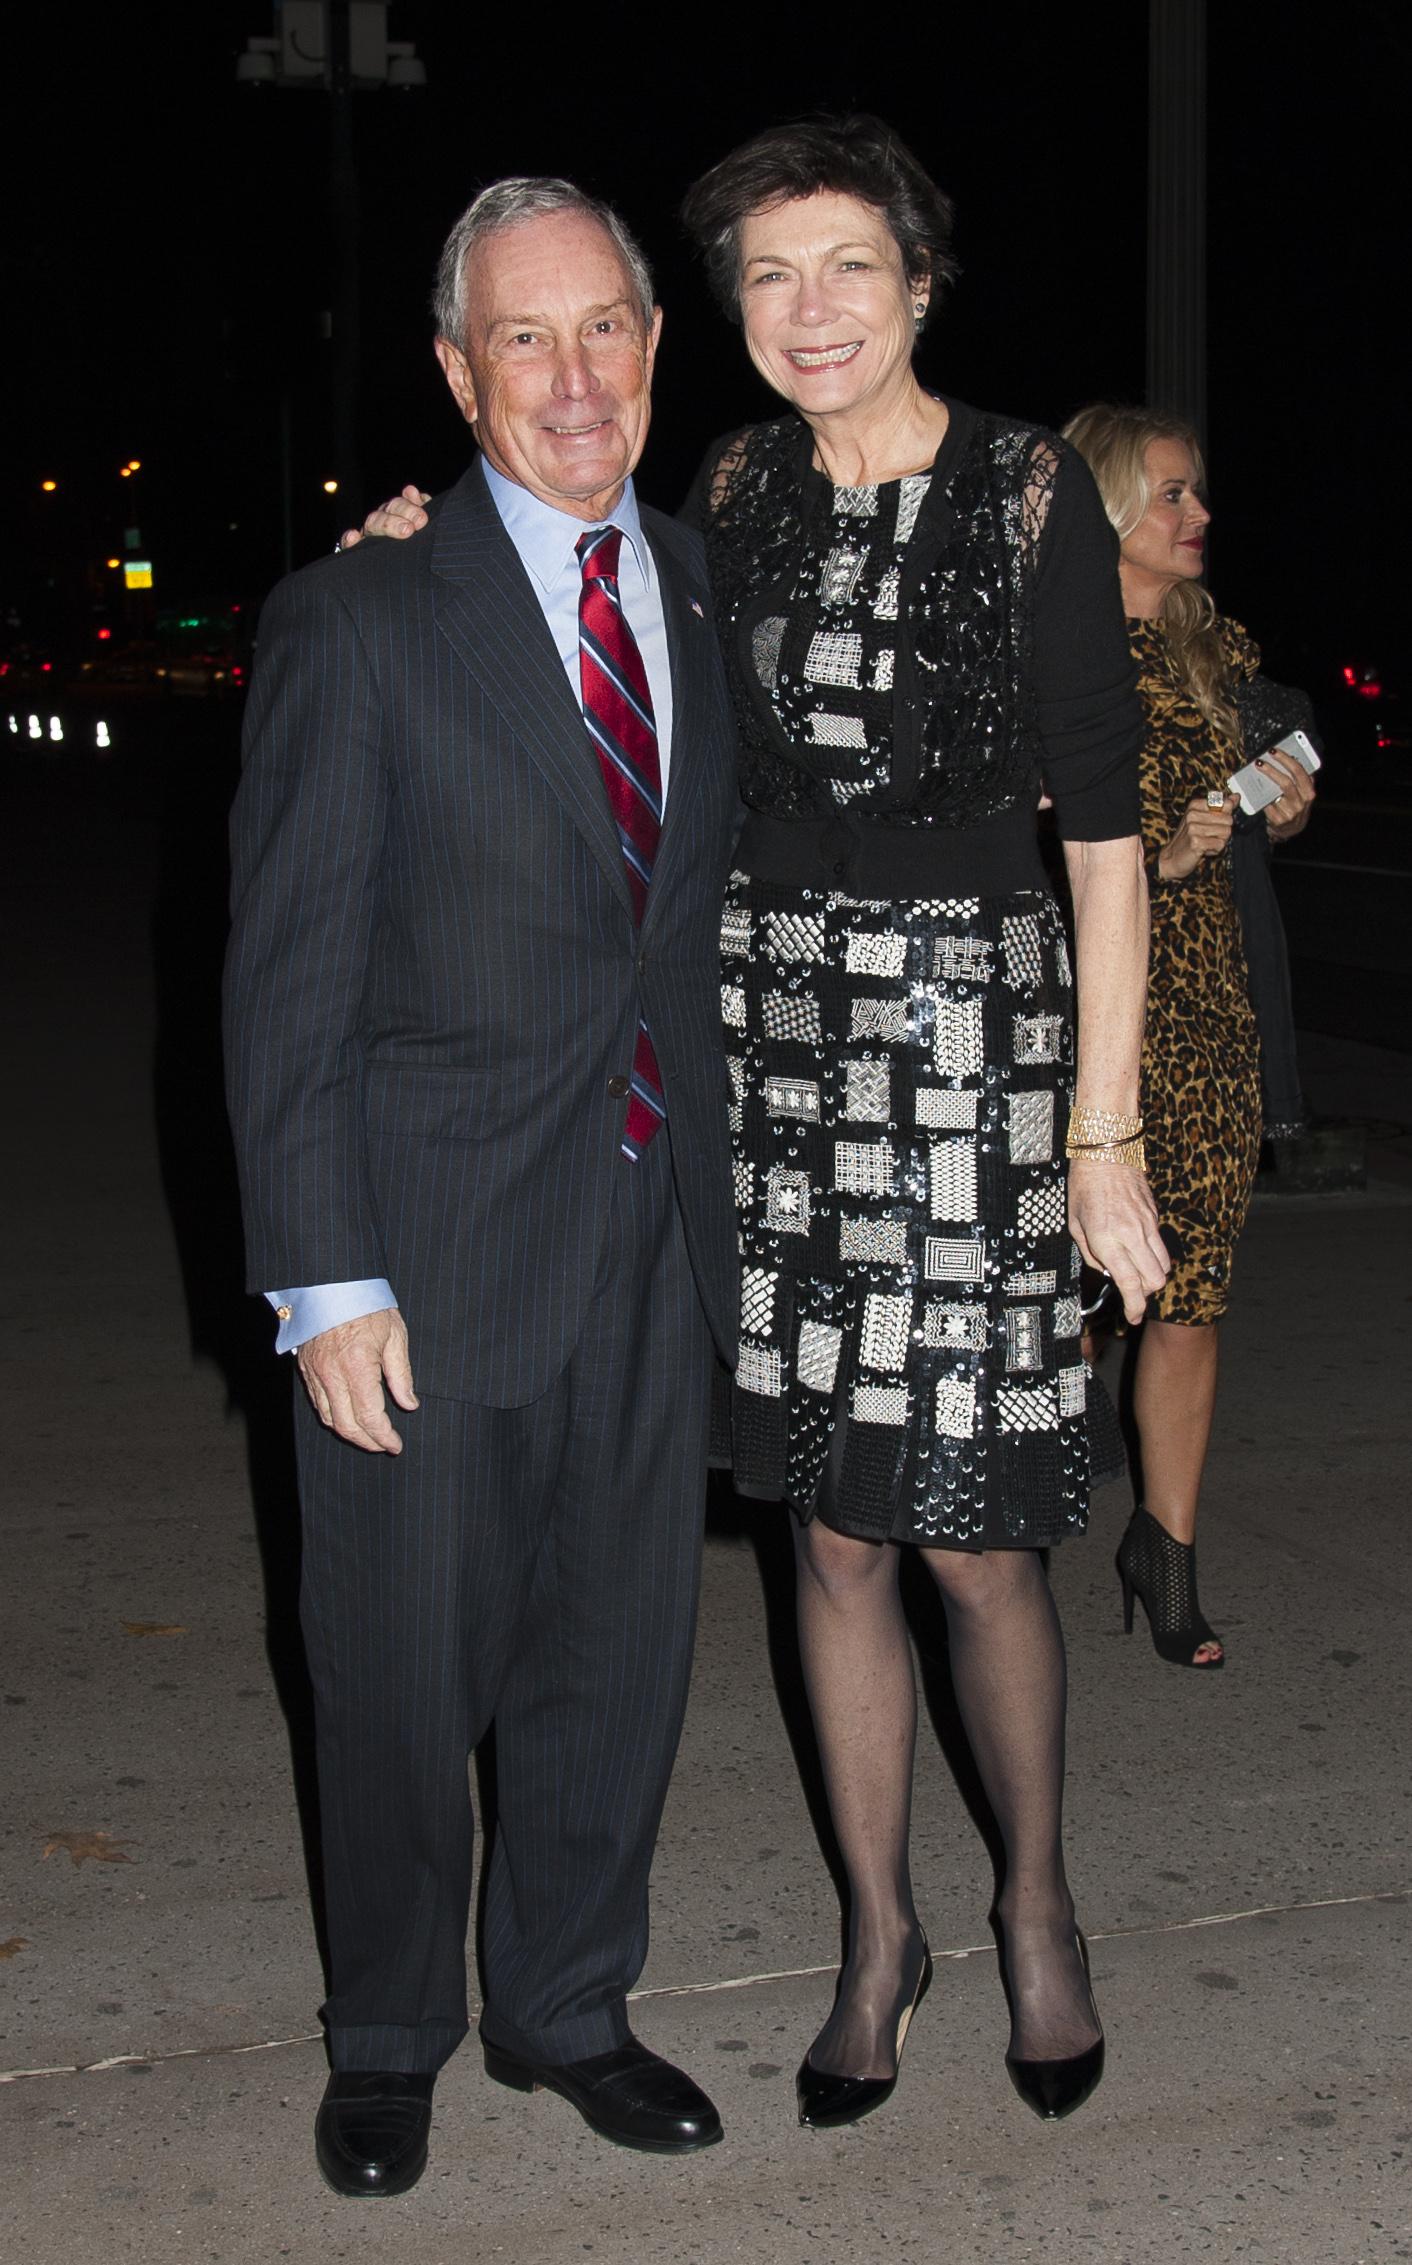 Диана Тейлор и Майкл Блумберг вместе с 2000-го года. Фото: SPLASH NEWS